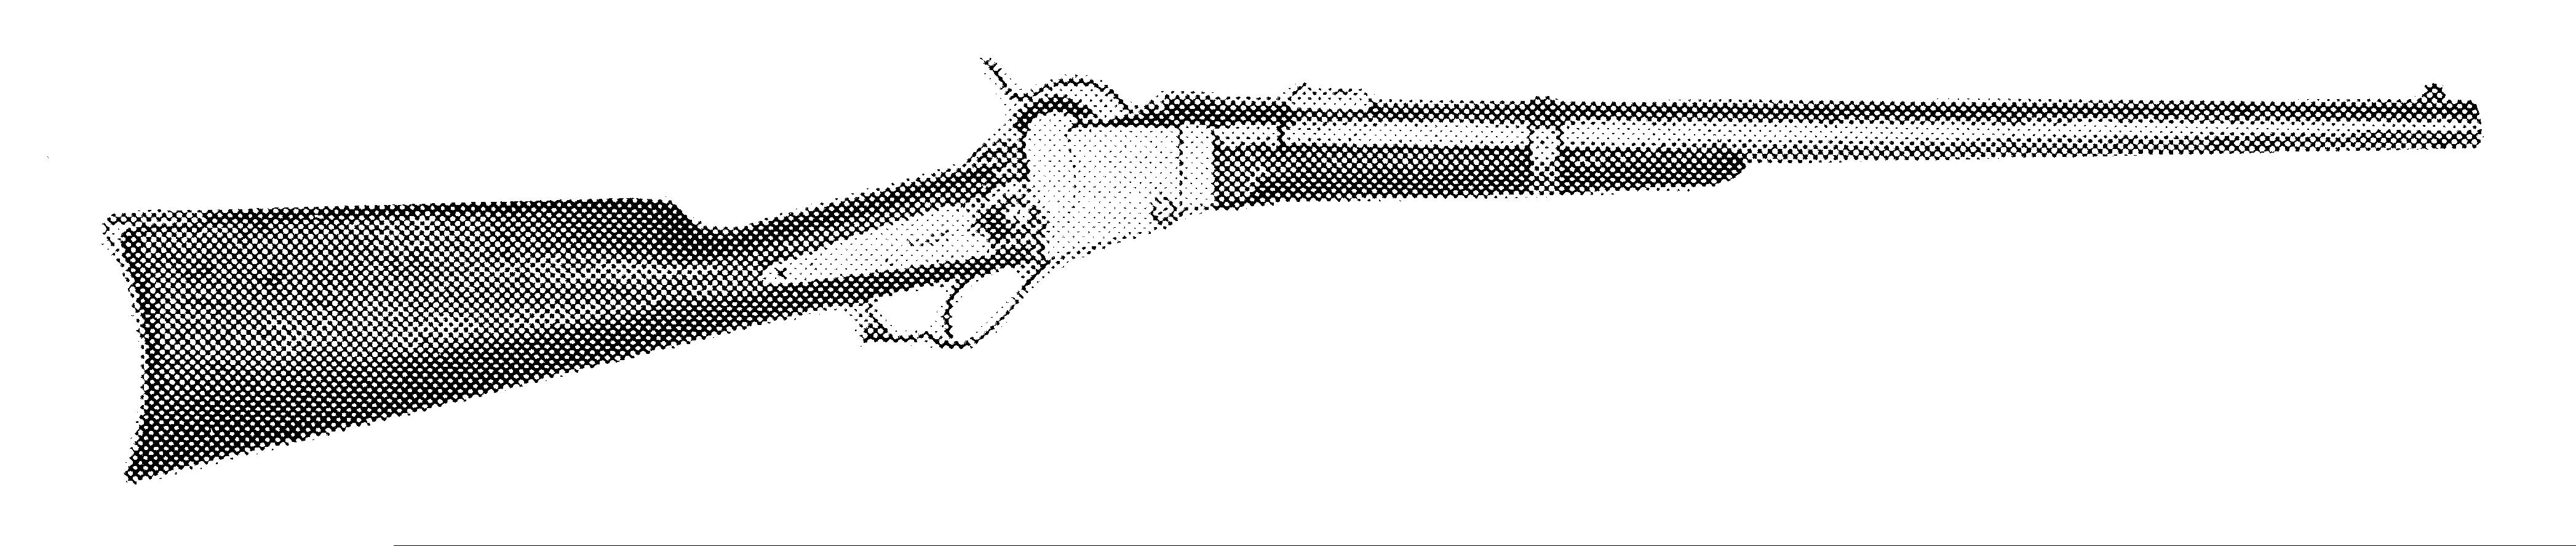 Percussion Carbine